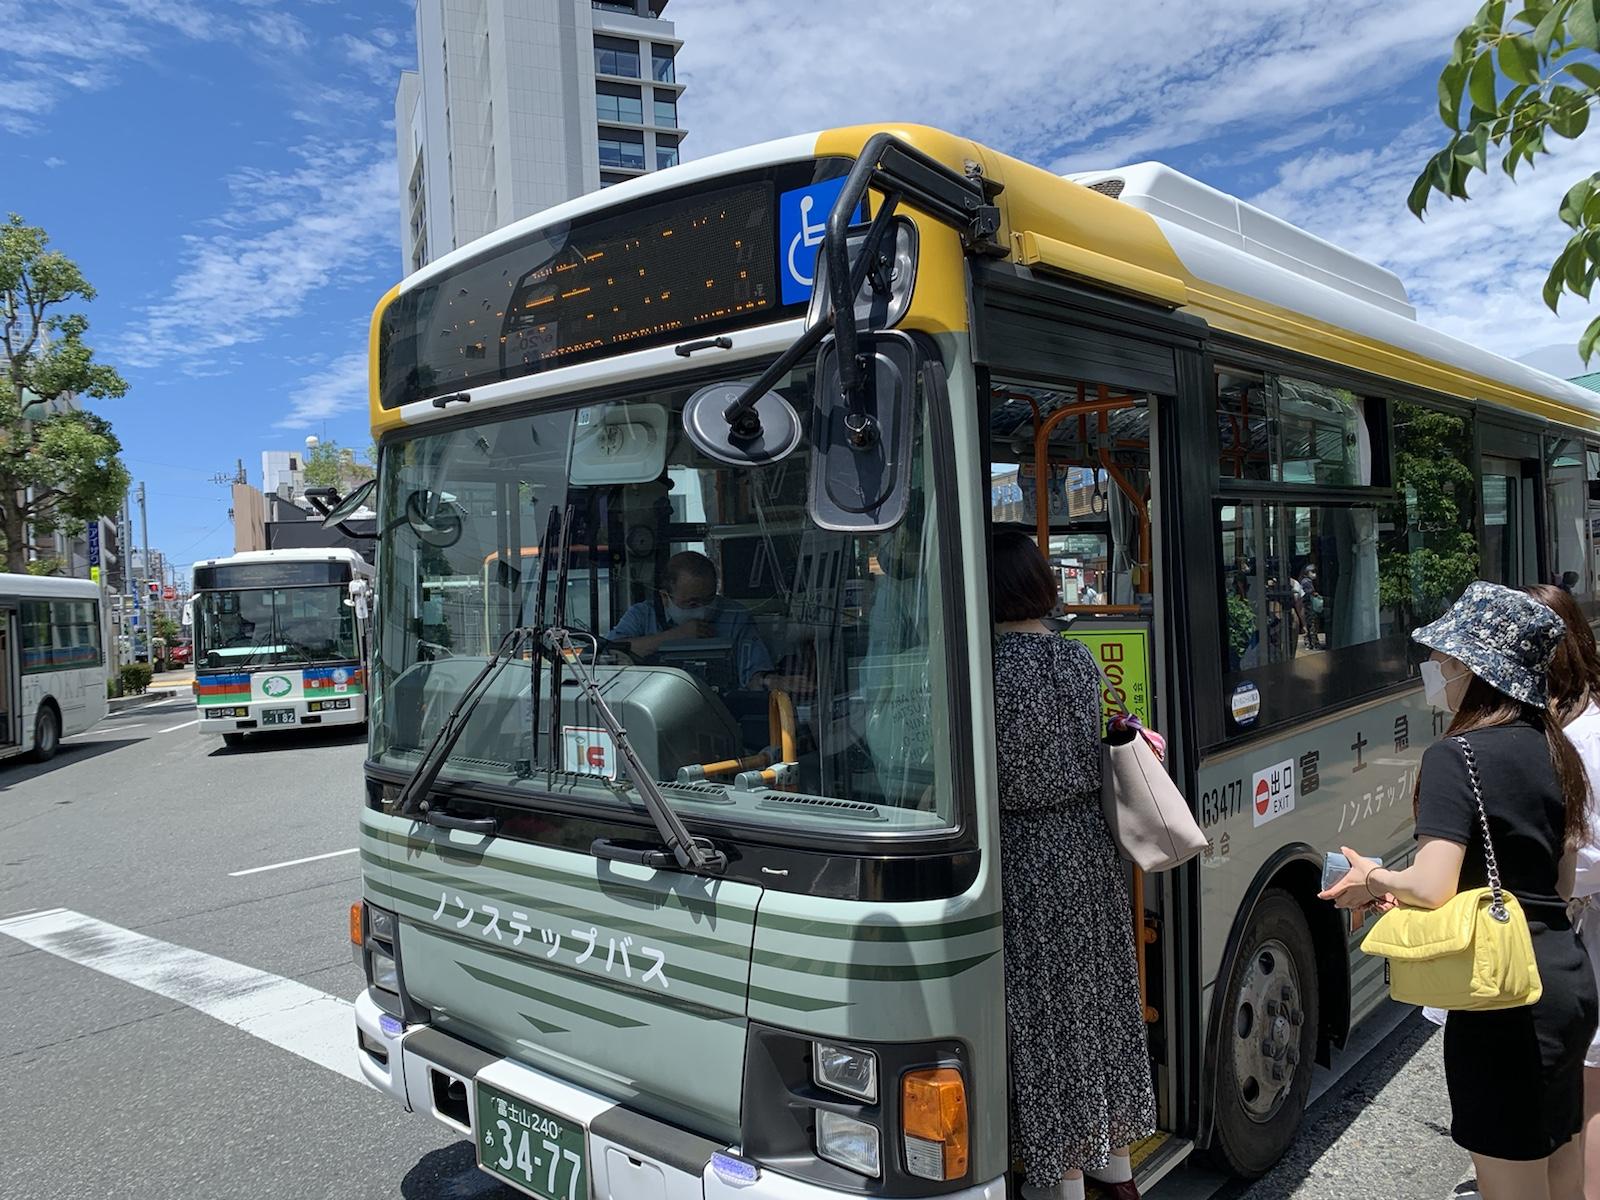 御殿場アウトレット 三島駅 バス 富士急バス